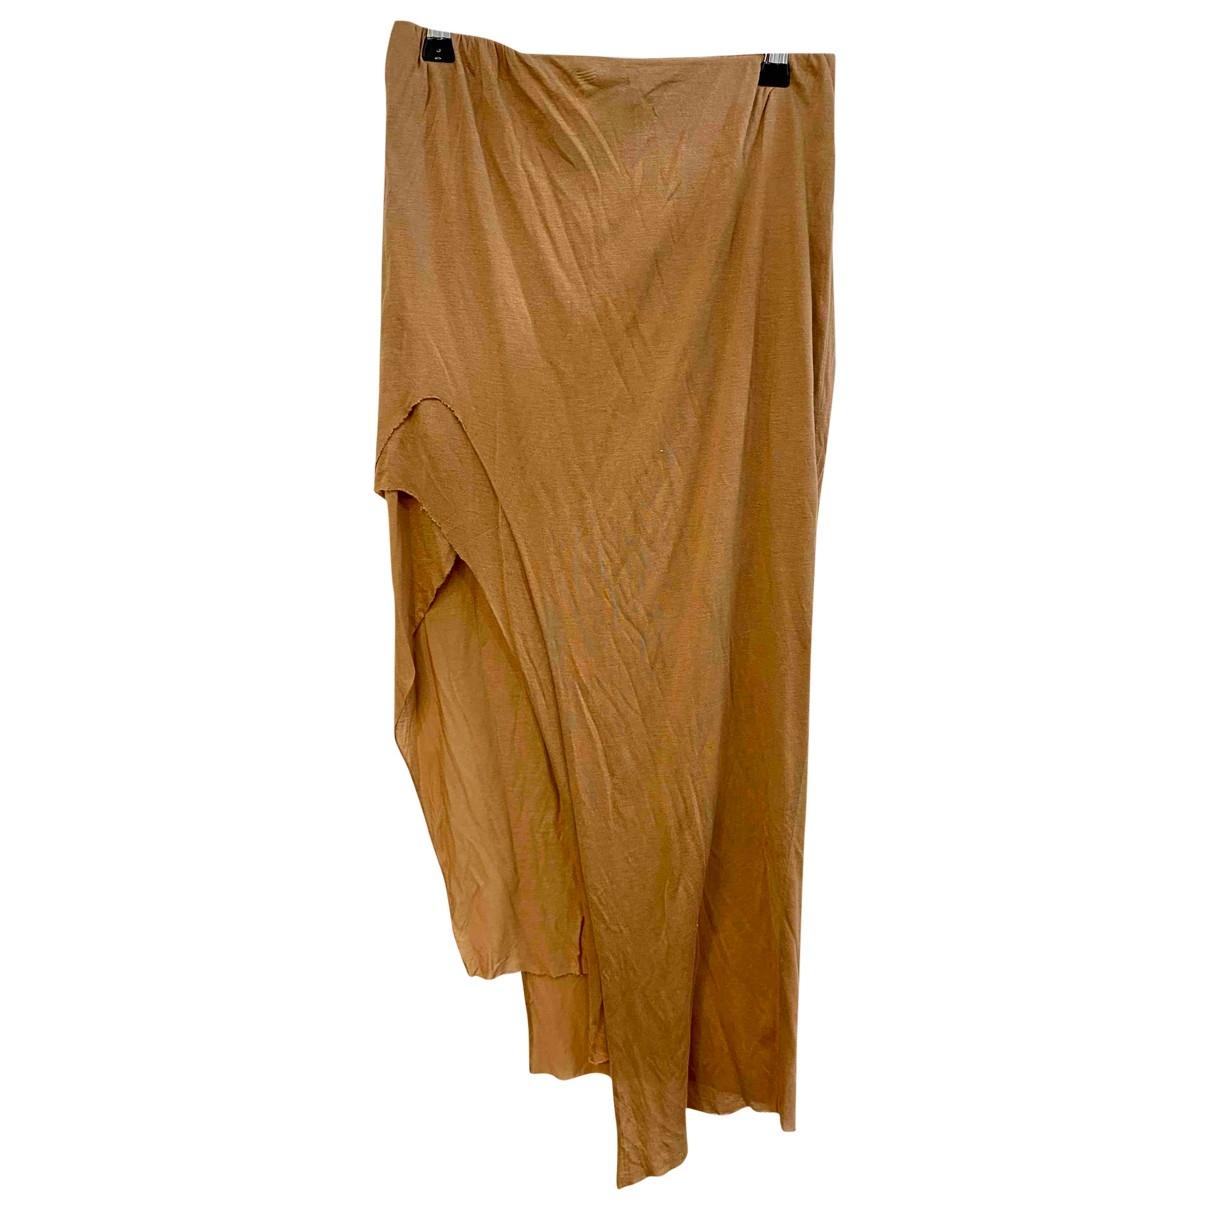 Helmut Lang \N Orange Cotton skirt for Women M International